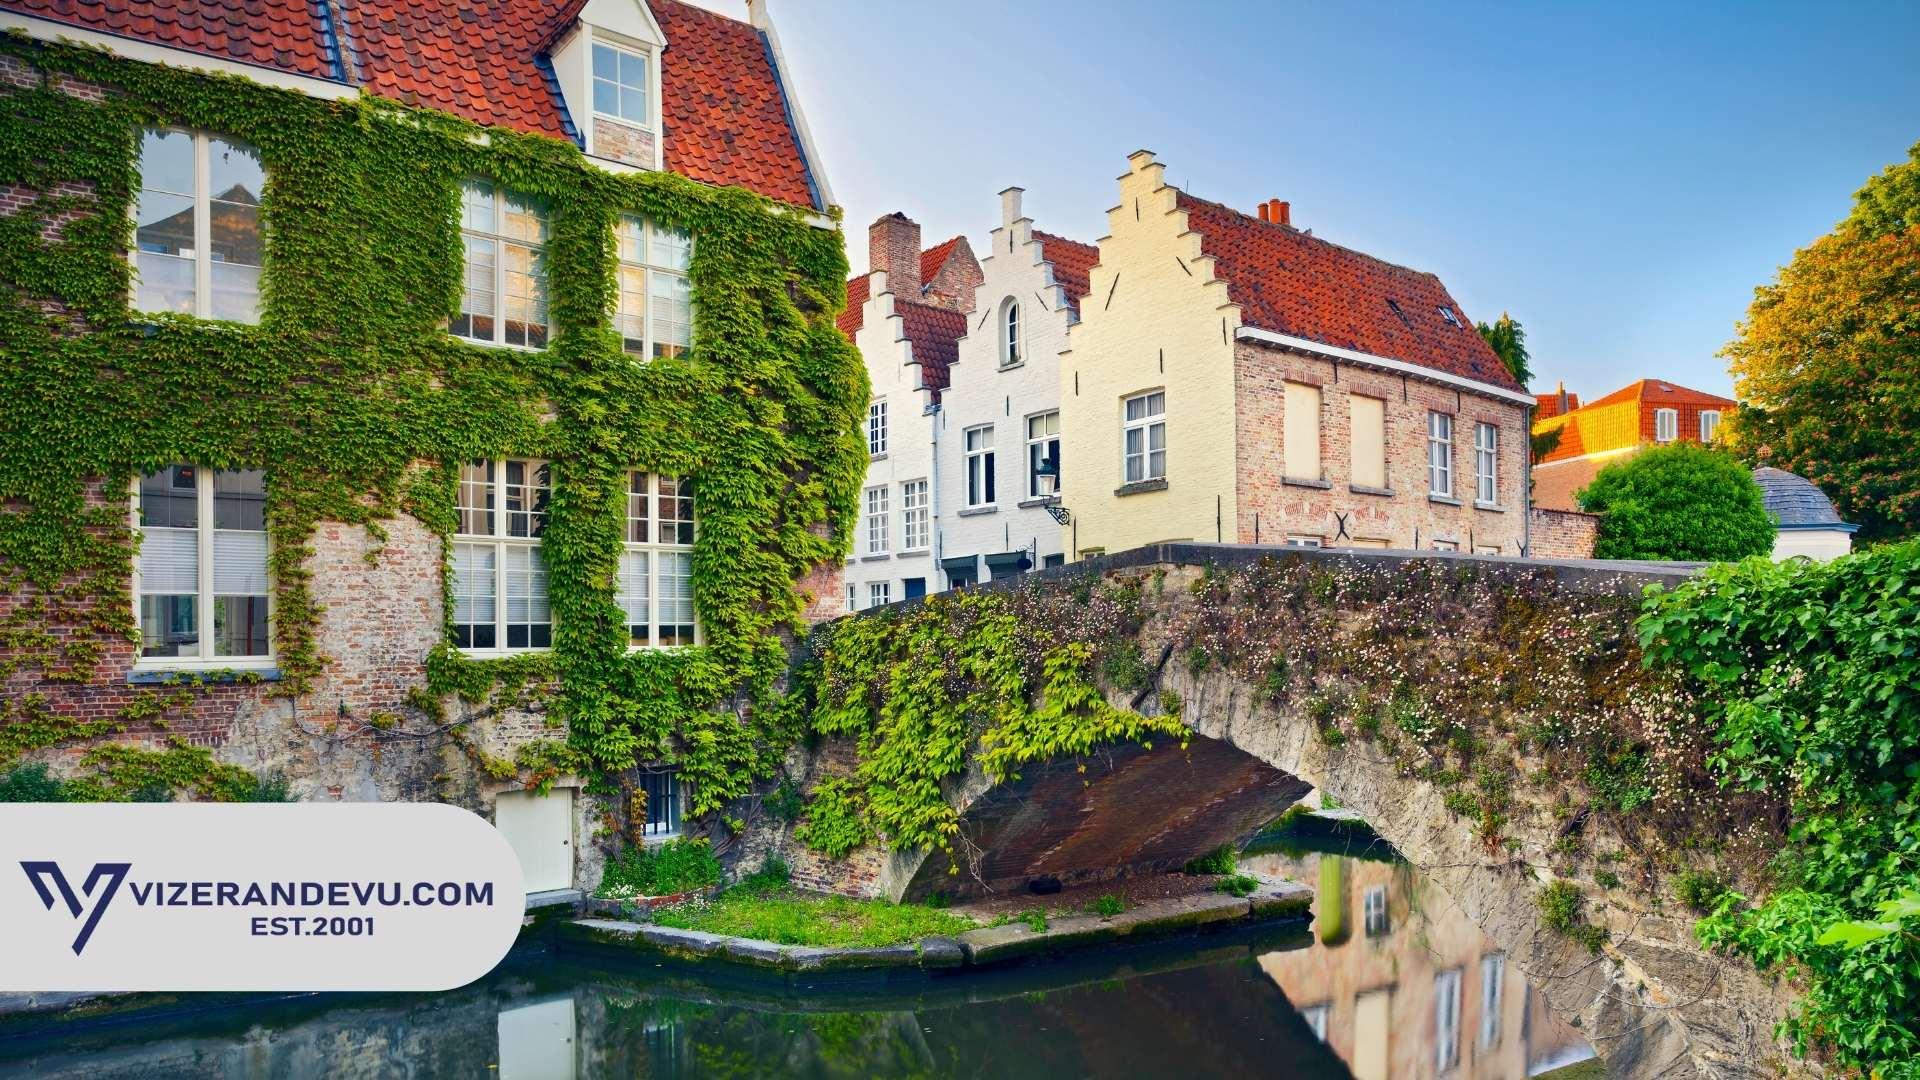 Belçika Schengen Vize Başvurusu İçin Gerekli Belgeler Nelerdir?